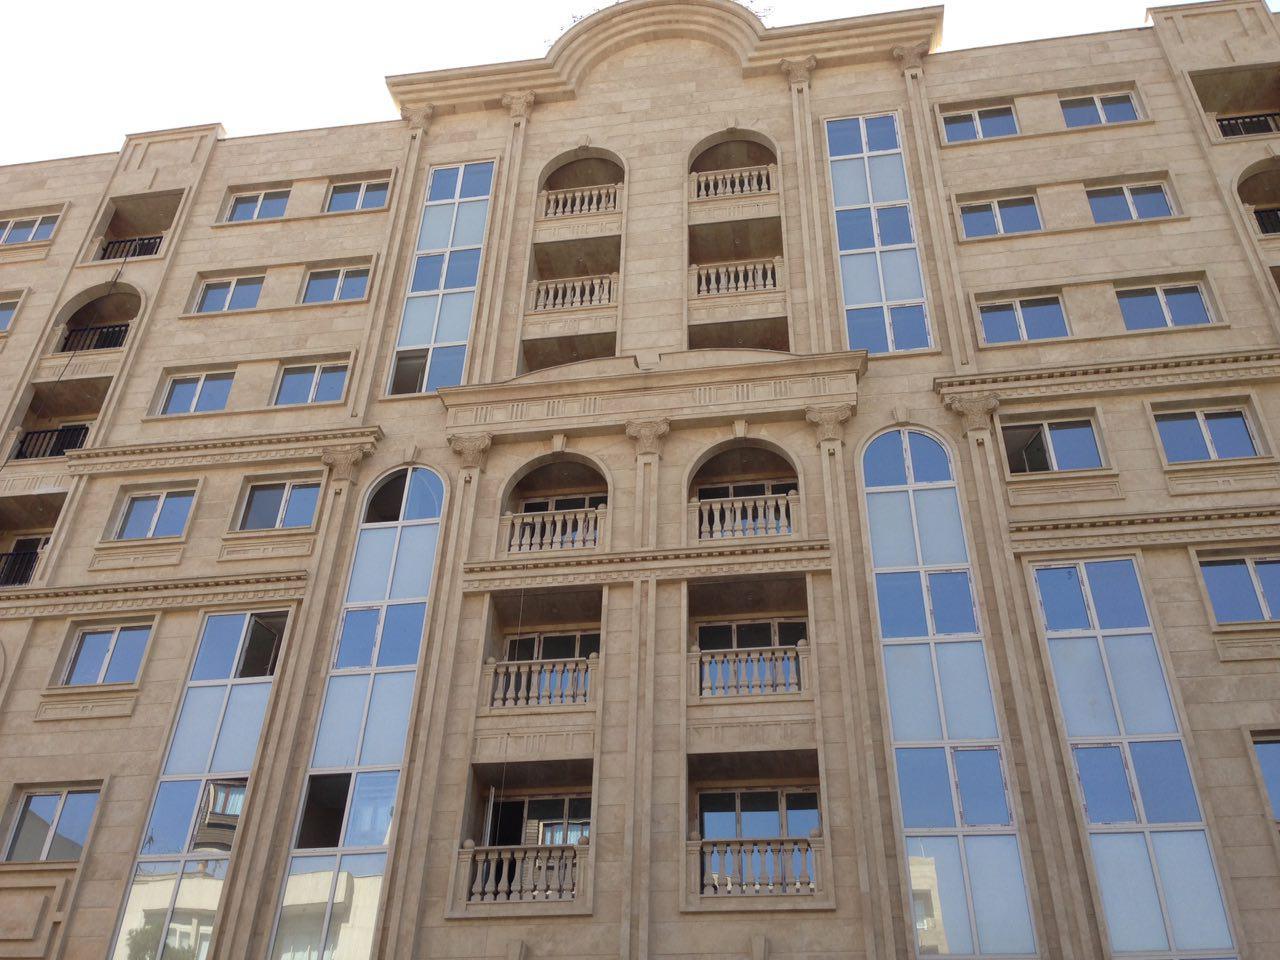 اجرای در و پنجره UPVC - ستارخان تهران